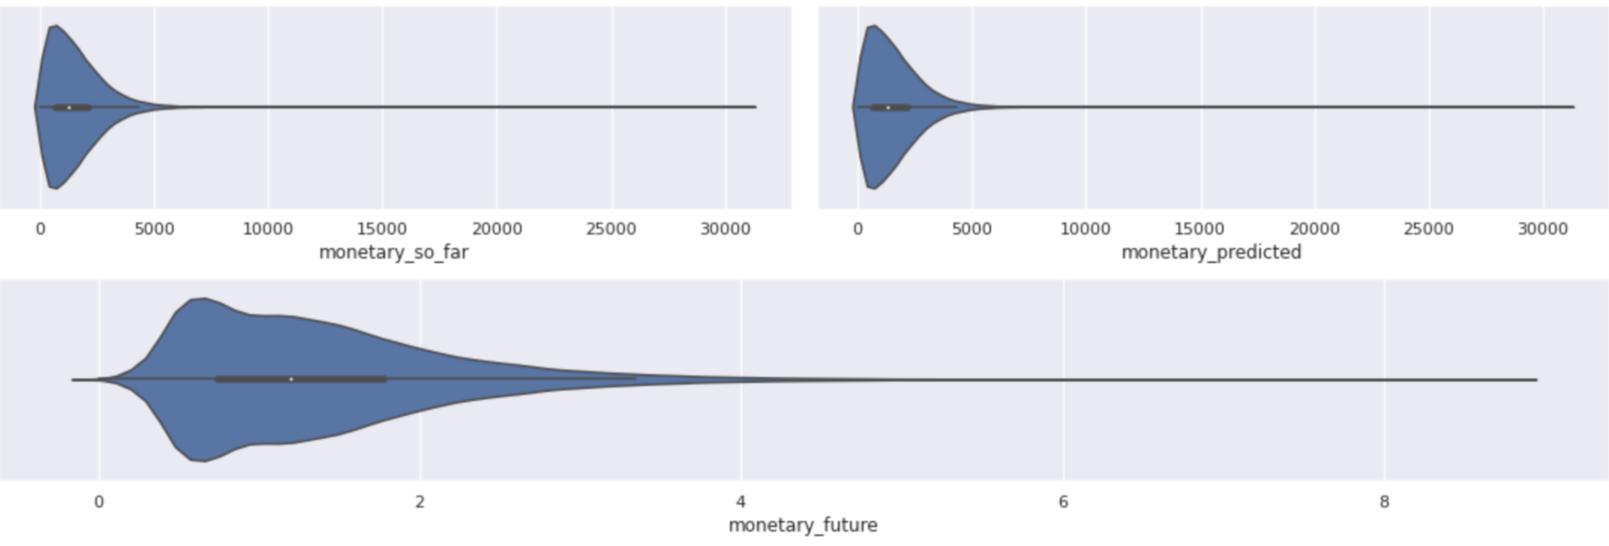 Visualización de la distribución de datos de predicción